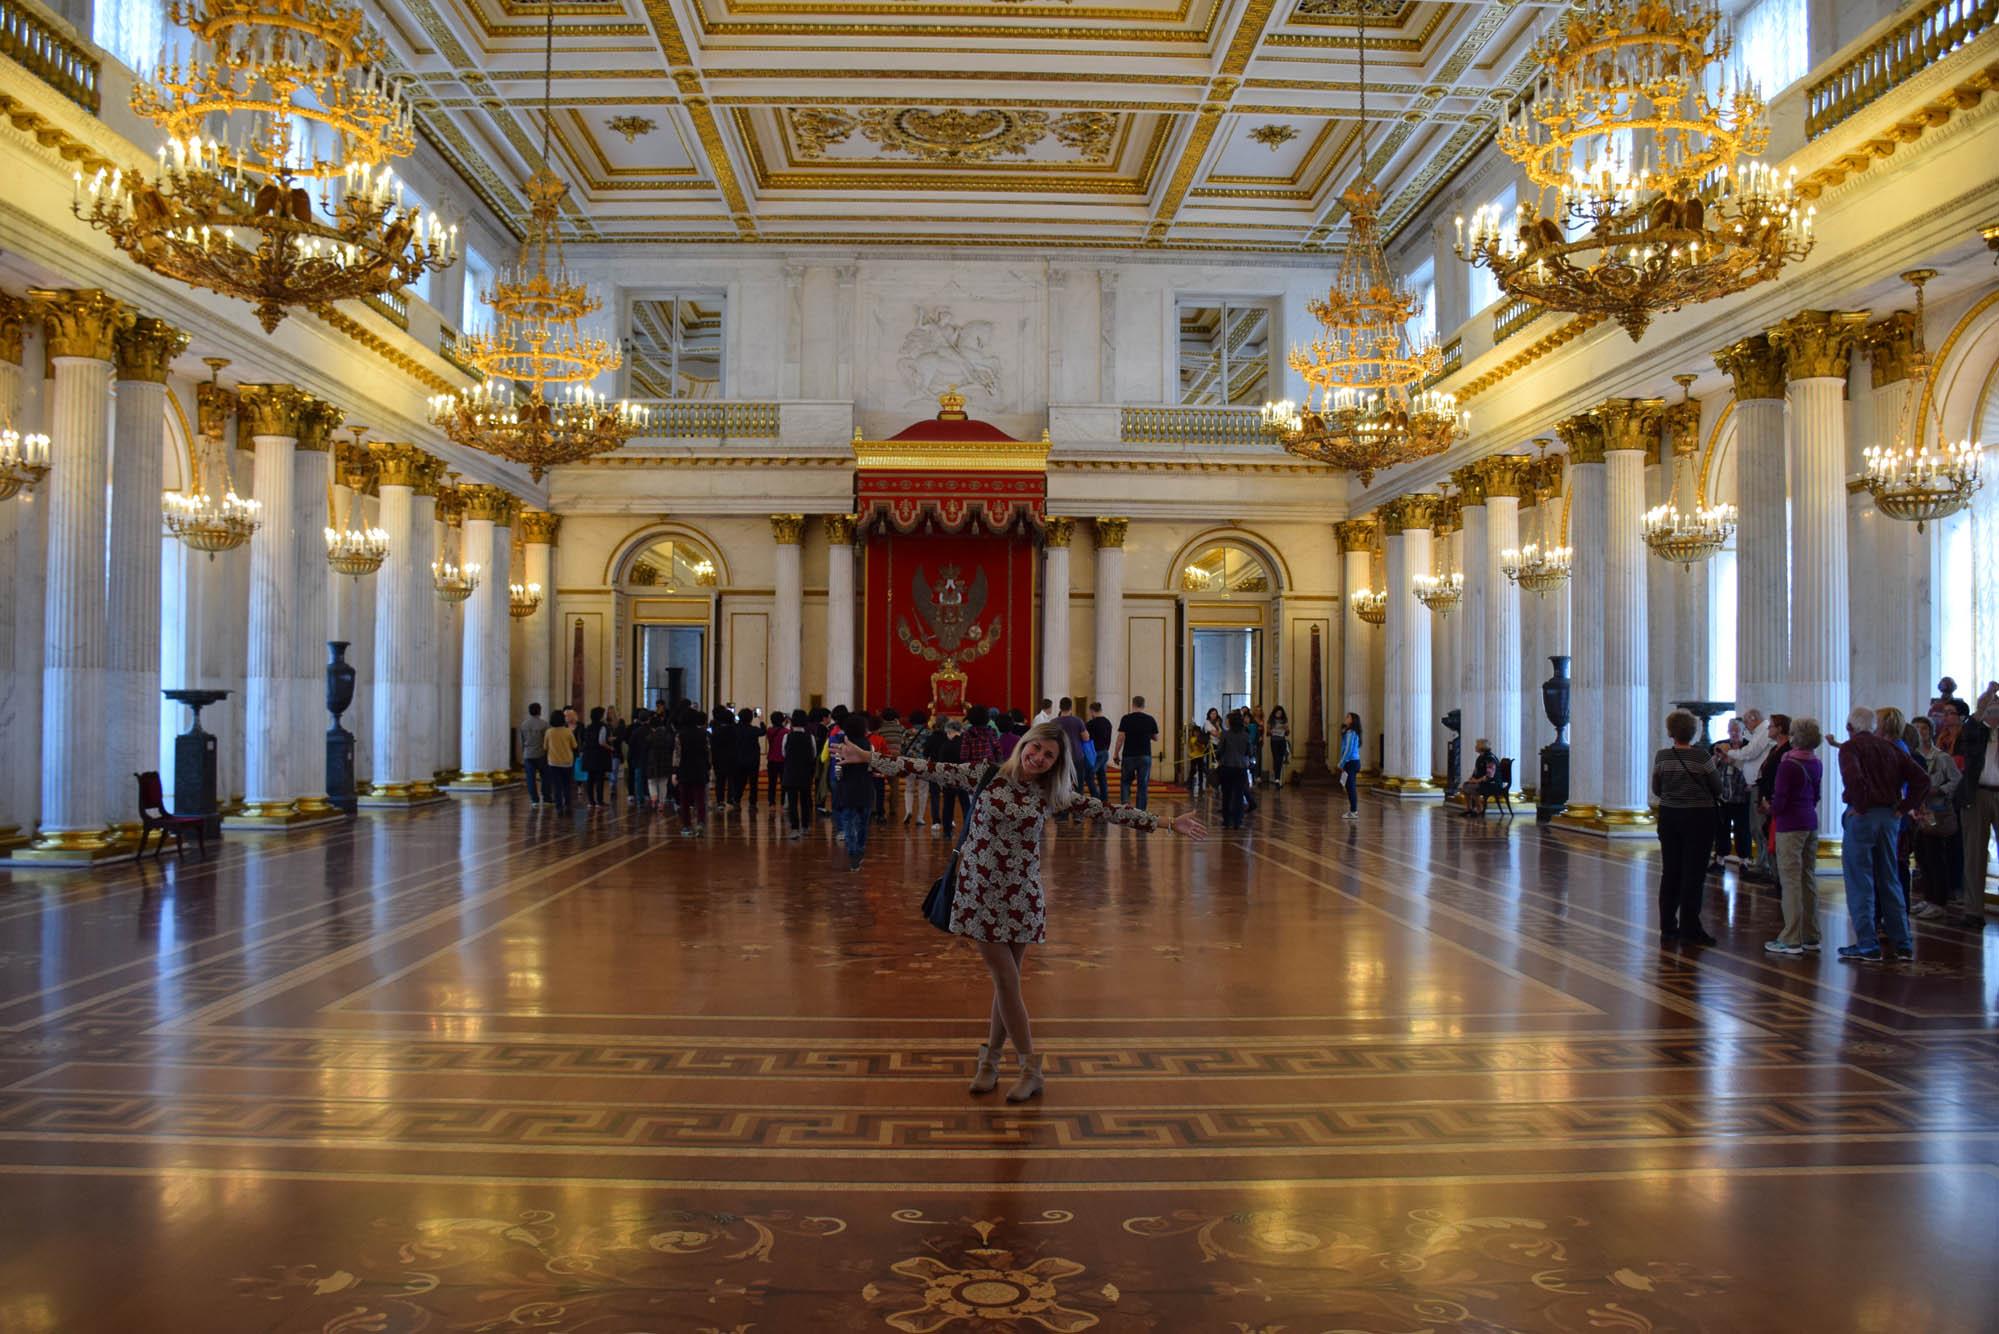 dicas de são petersburgo - rússia - palacio de inverno - hermitage